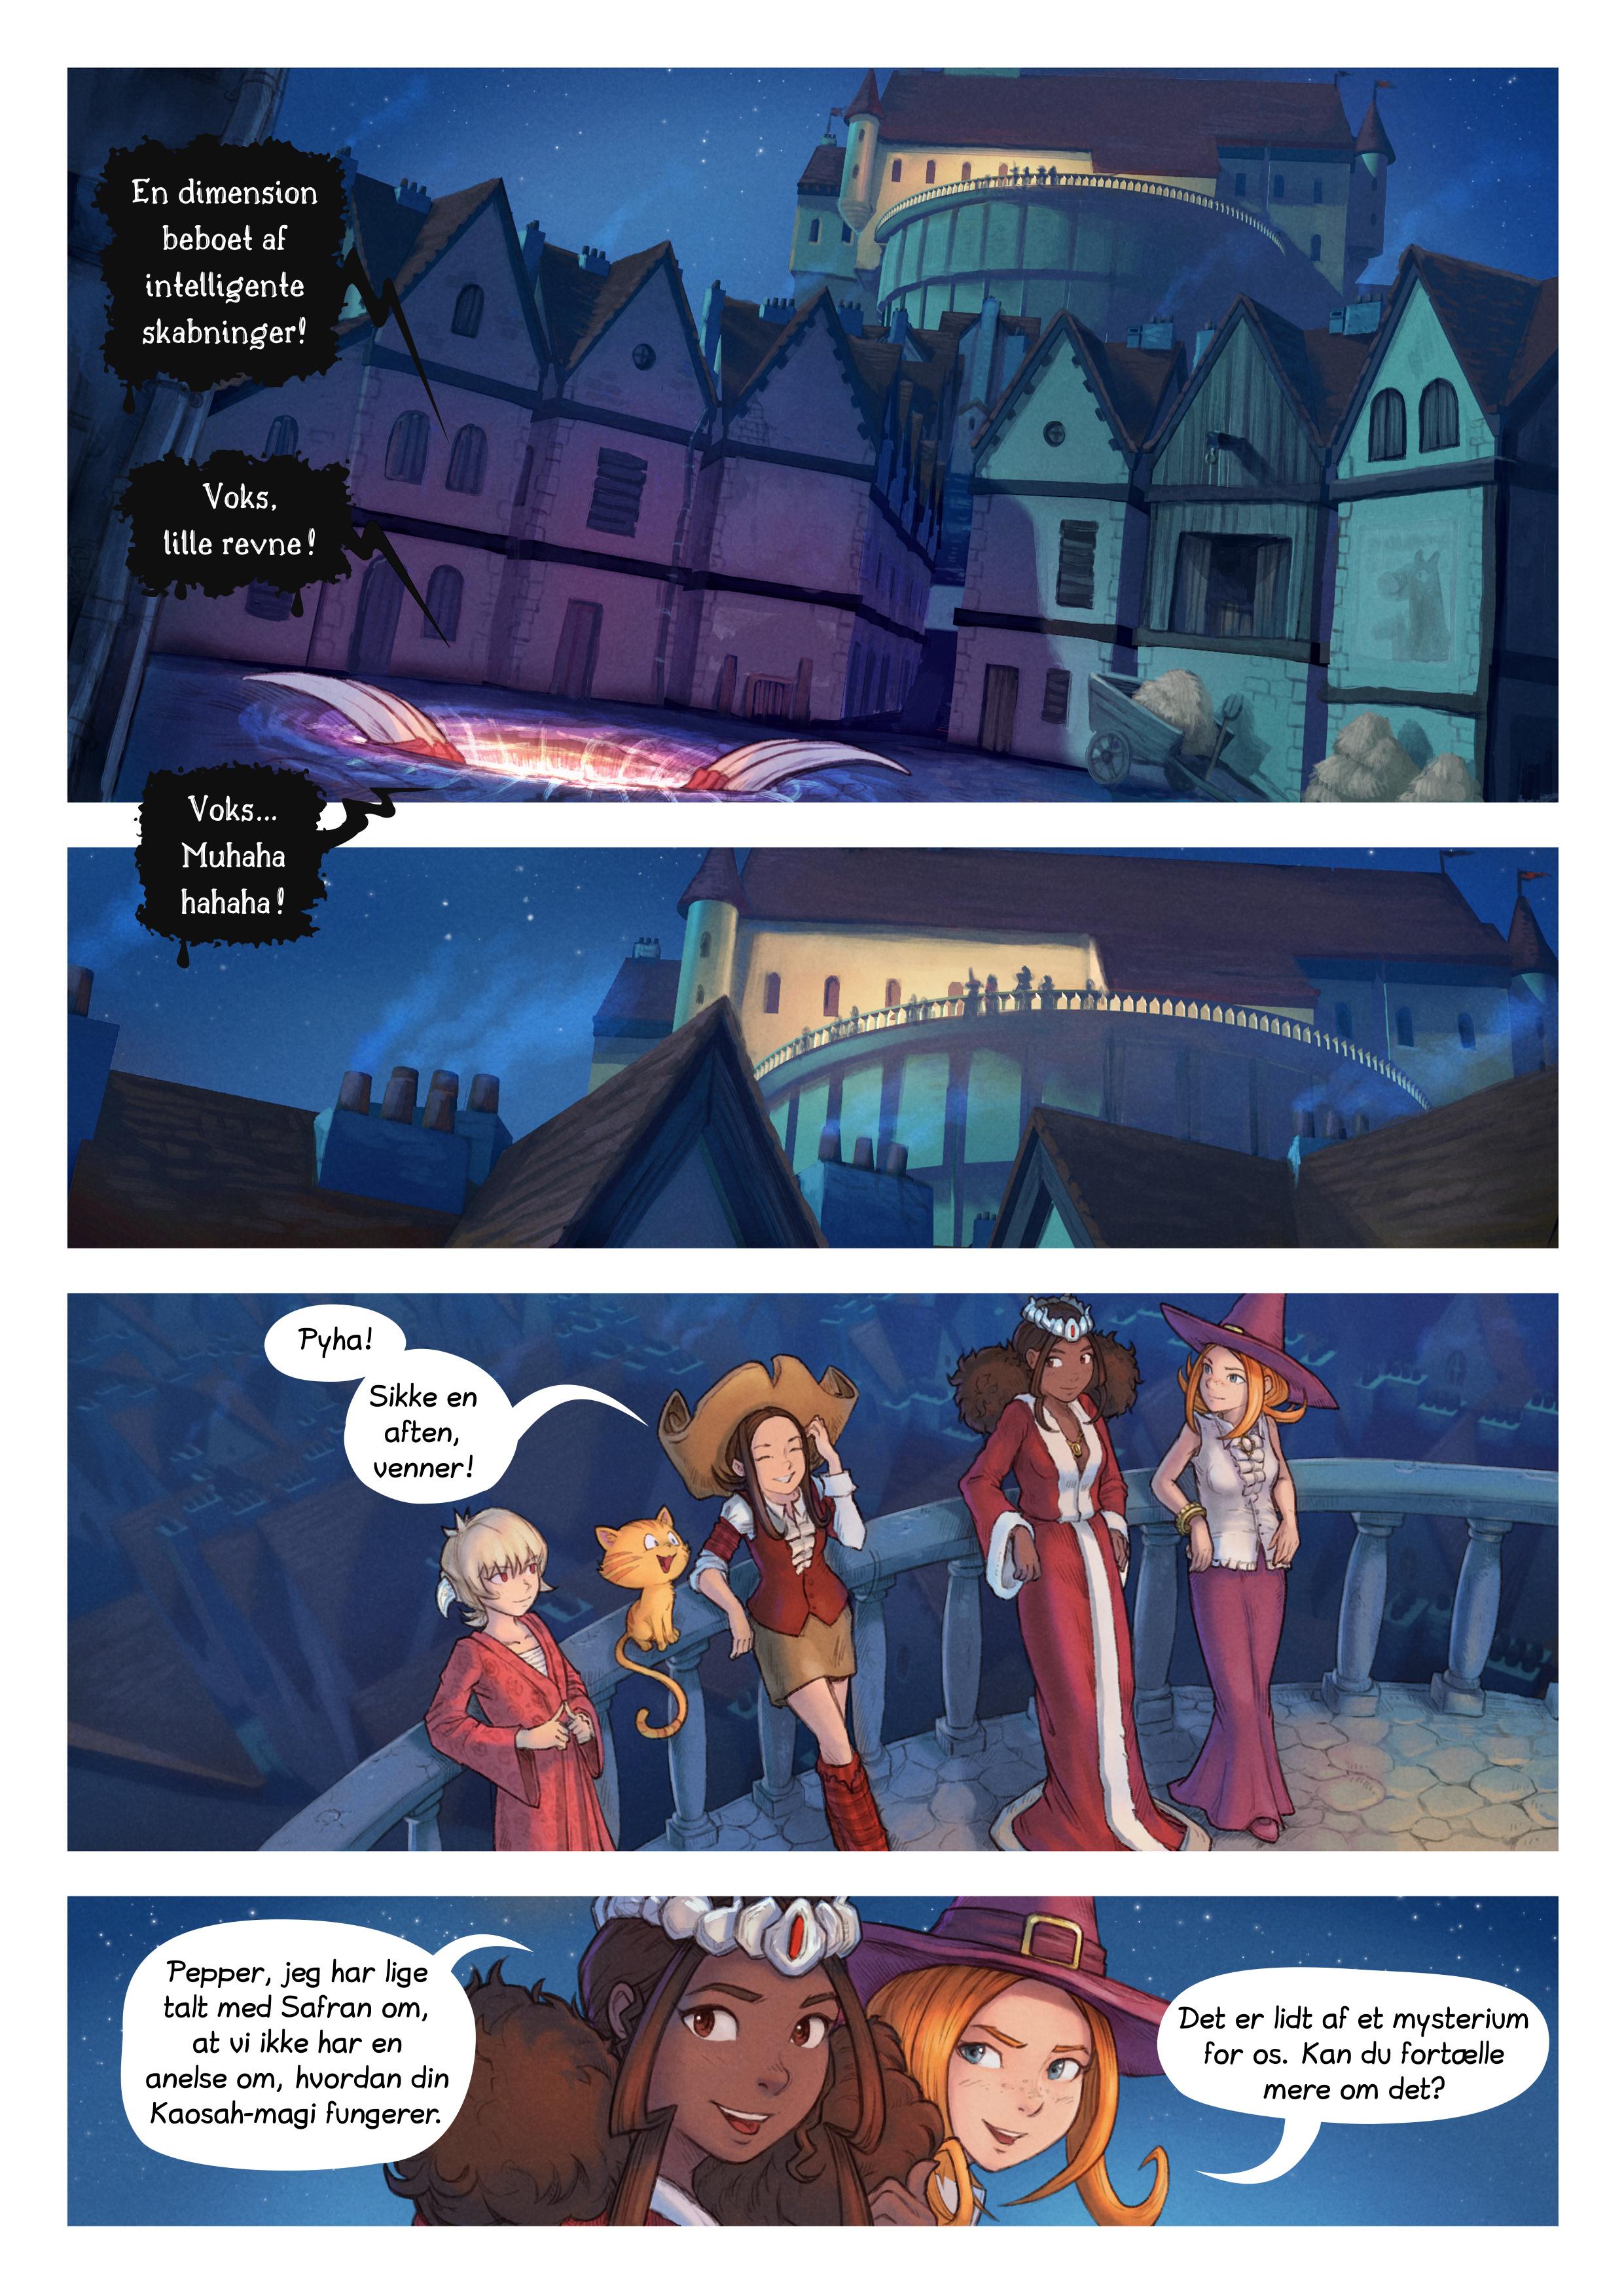 Episode 29: Verdens-ødelæggeren, Page 2